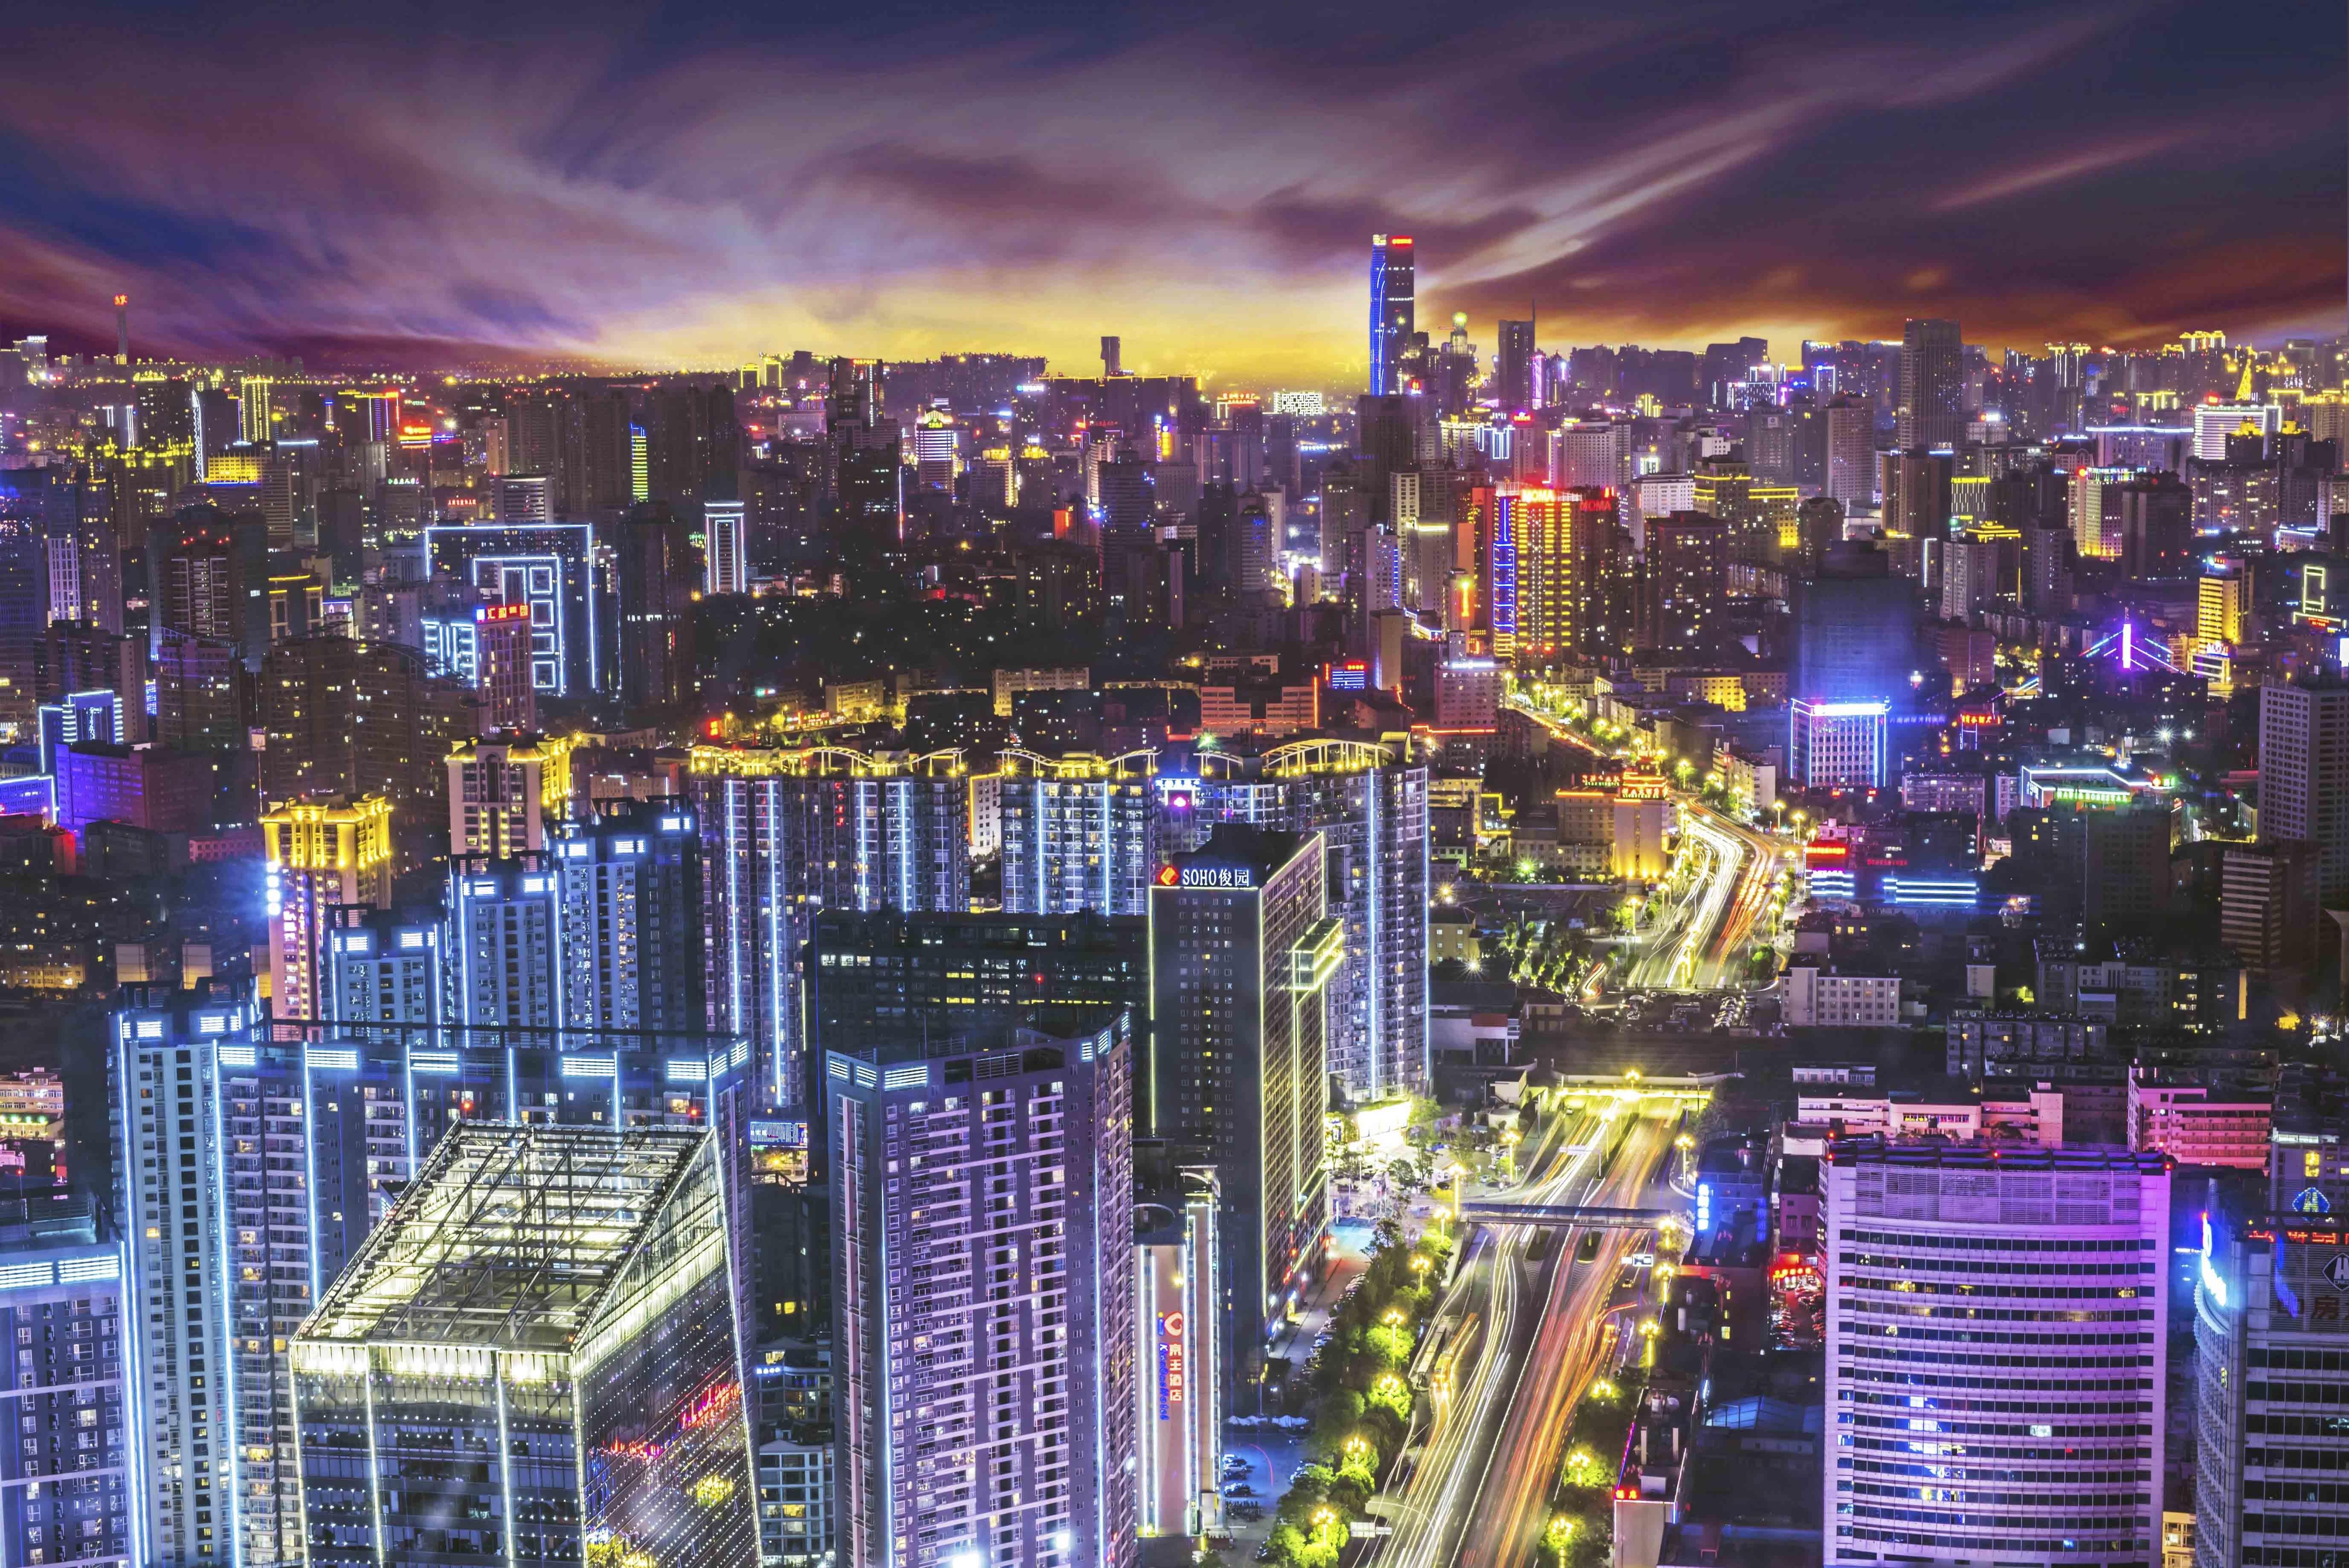 夏天爬高楼记录城市美景图片